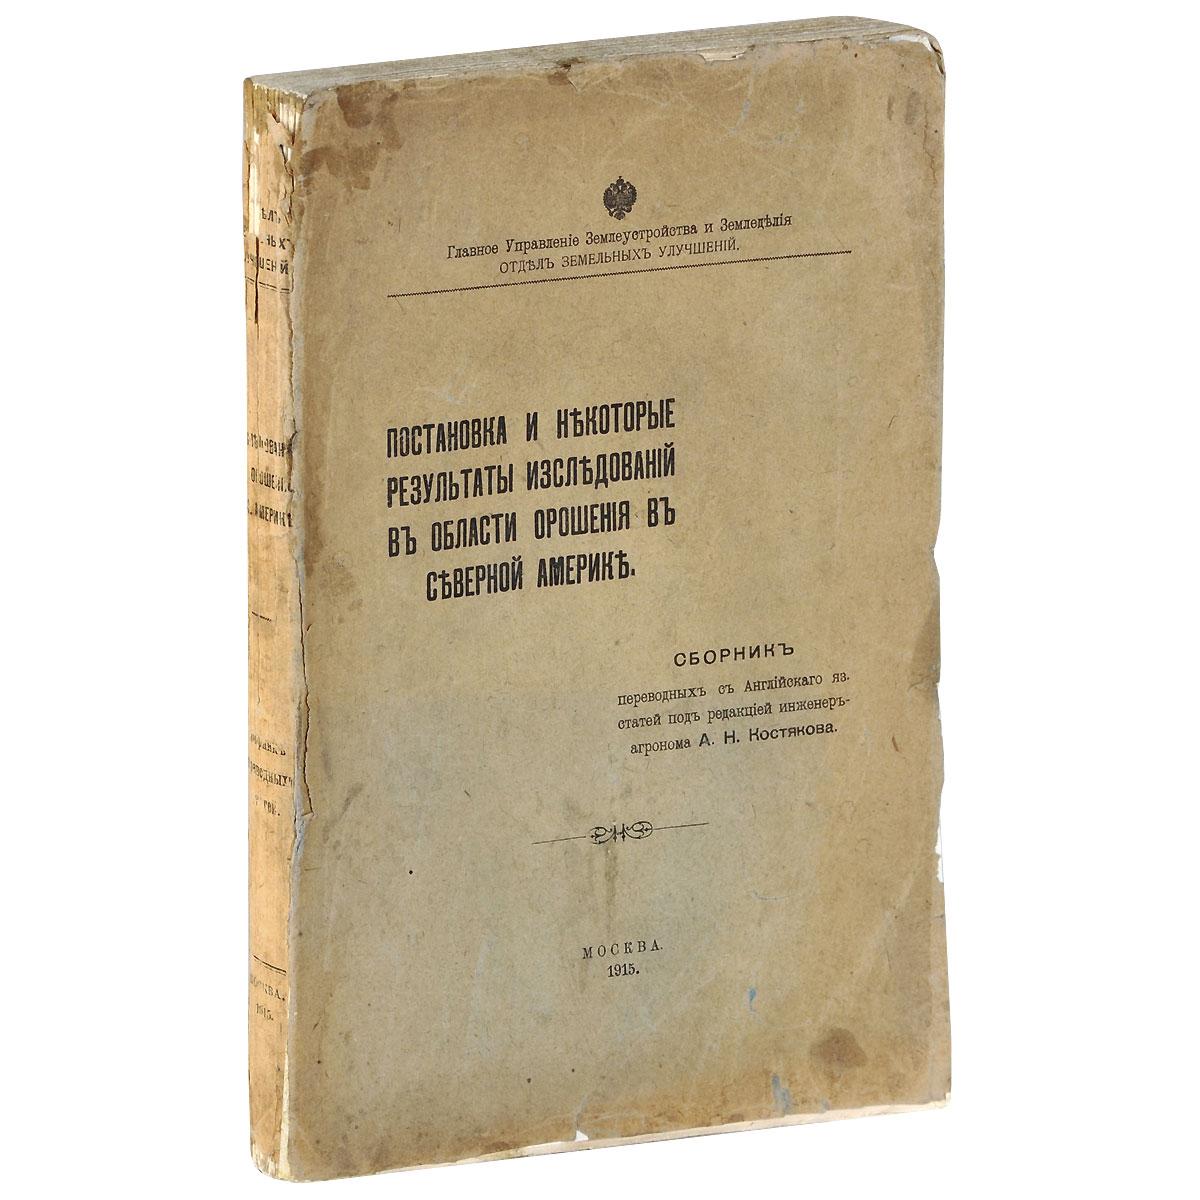 Постановка и некоторые результаты исследований в области орошения в северной Америке0120710Настоящая книга представляет собой сборник переведенных с английского бюллетеней по вопросам орошения, изданных Департаментом Земледелия Соединенных Штатов Северной Америки.